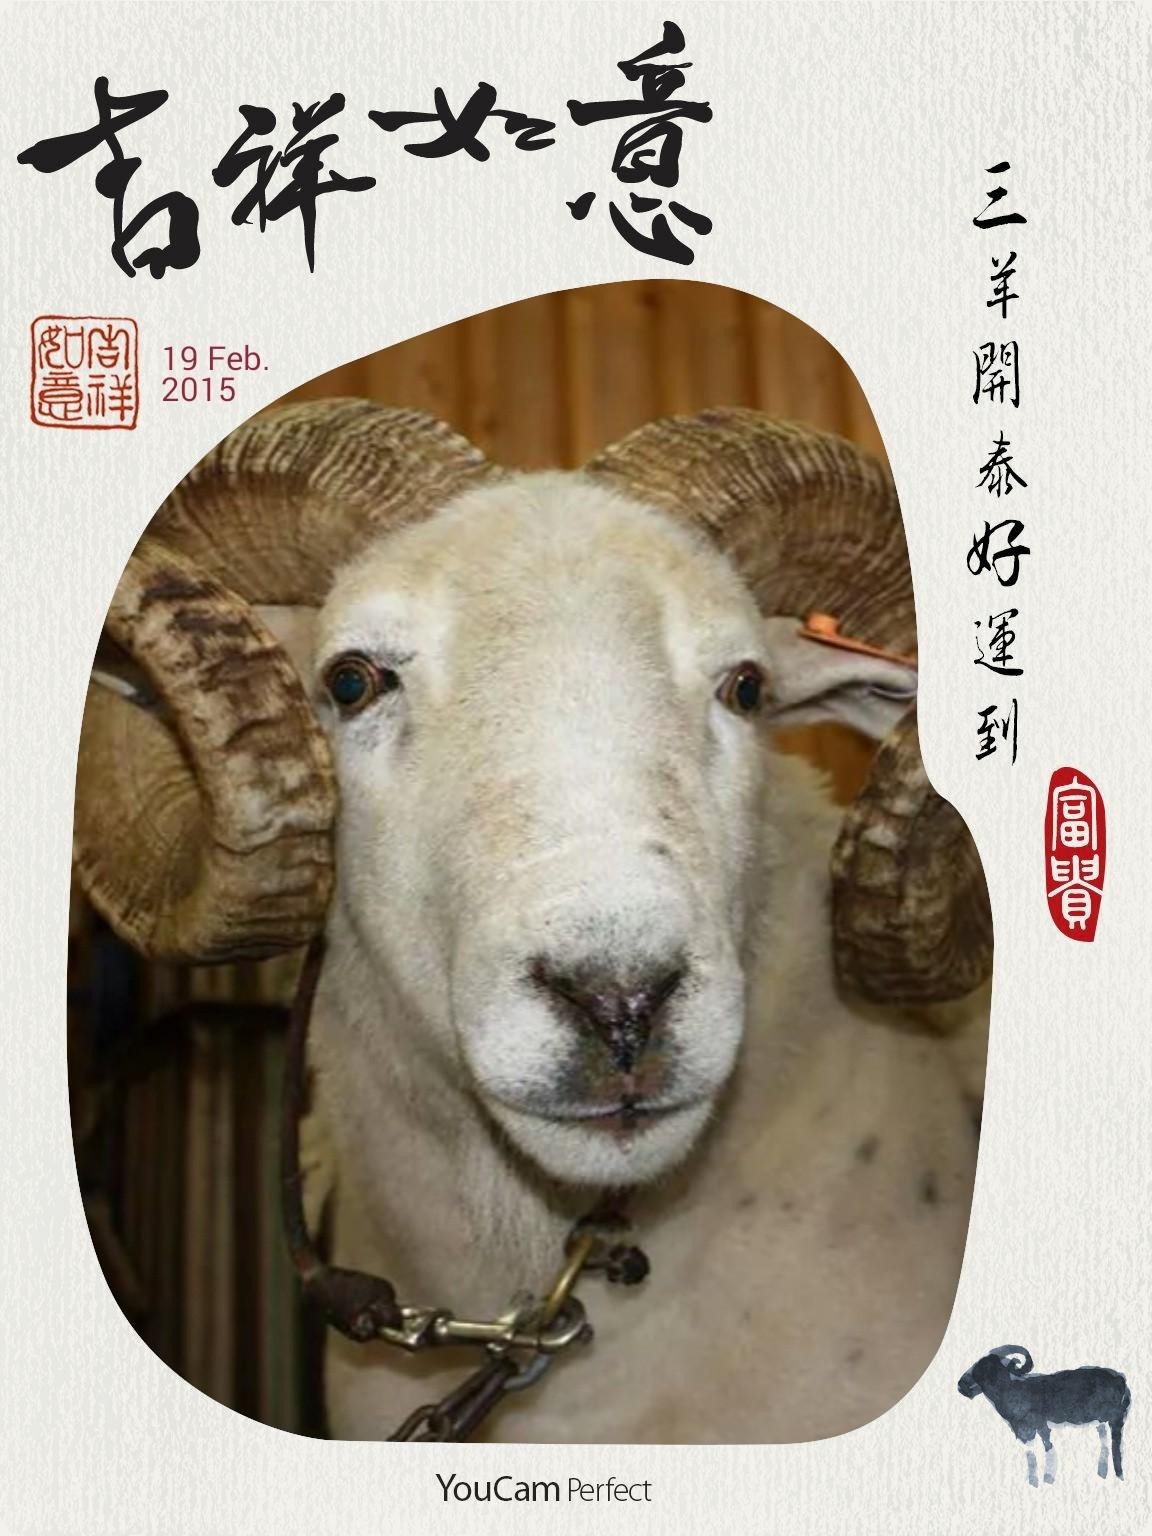 【羊年除夕•揚眉吐氣】 2015/2/18(三) 今日是除夕,邁入中國農曆羊年前一日,應景的、不應景的,在屬於中國人的世界裡各自表述。 脫離封建一世紀又四個年頭,套句俗俚:日日難當日日當,年年捱過年年過,日子再困頓,年,還是要過的。 么弟早數月前便在四海一家訂了兩桌年菜,今晚六時開席圍桌吃年夜飯。 母親生了七個孩子:三女四男,我是老大,裡裡外外廿二口,老父民國82年已回天家,媽媽過了年就足滿86,退化到連自己都不認得,只癡癡的看著她揣在懷中奶大的七個寶貝,在日升起落中倒數計時。 她從來不期待兒女如何揚眉吐氣光宗耀祖,只一心祈禱我們個個平安健康快樂幸福。 然而我卻是那使她首先掛心失望的,小我兩歲的妹子也好不過哪兒去,各在自己選擇的婚姻中受熬練。我以斷尾求生自保,妹子則咬緊牙關續熬,苦笑、無言是我們共同的符碼,過羊年,大妹也耳順了,那聽慣了的咆哮如晴空乾雷,震不斷她柔細羊腸的愛子心肝,我實實佩服妹子的堅毅勇敢。 羊有眉乎?緊閉的唇一點看不出有吐氣之兆,我又何能附會一句吉祥話,做為今晚開席前的序語? 但願蒙主選召重生的兒子能起而領下年夜飯前地祈福禱告大任,便算圓圓滿滿地過了羊年了。